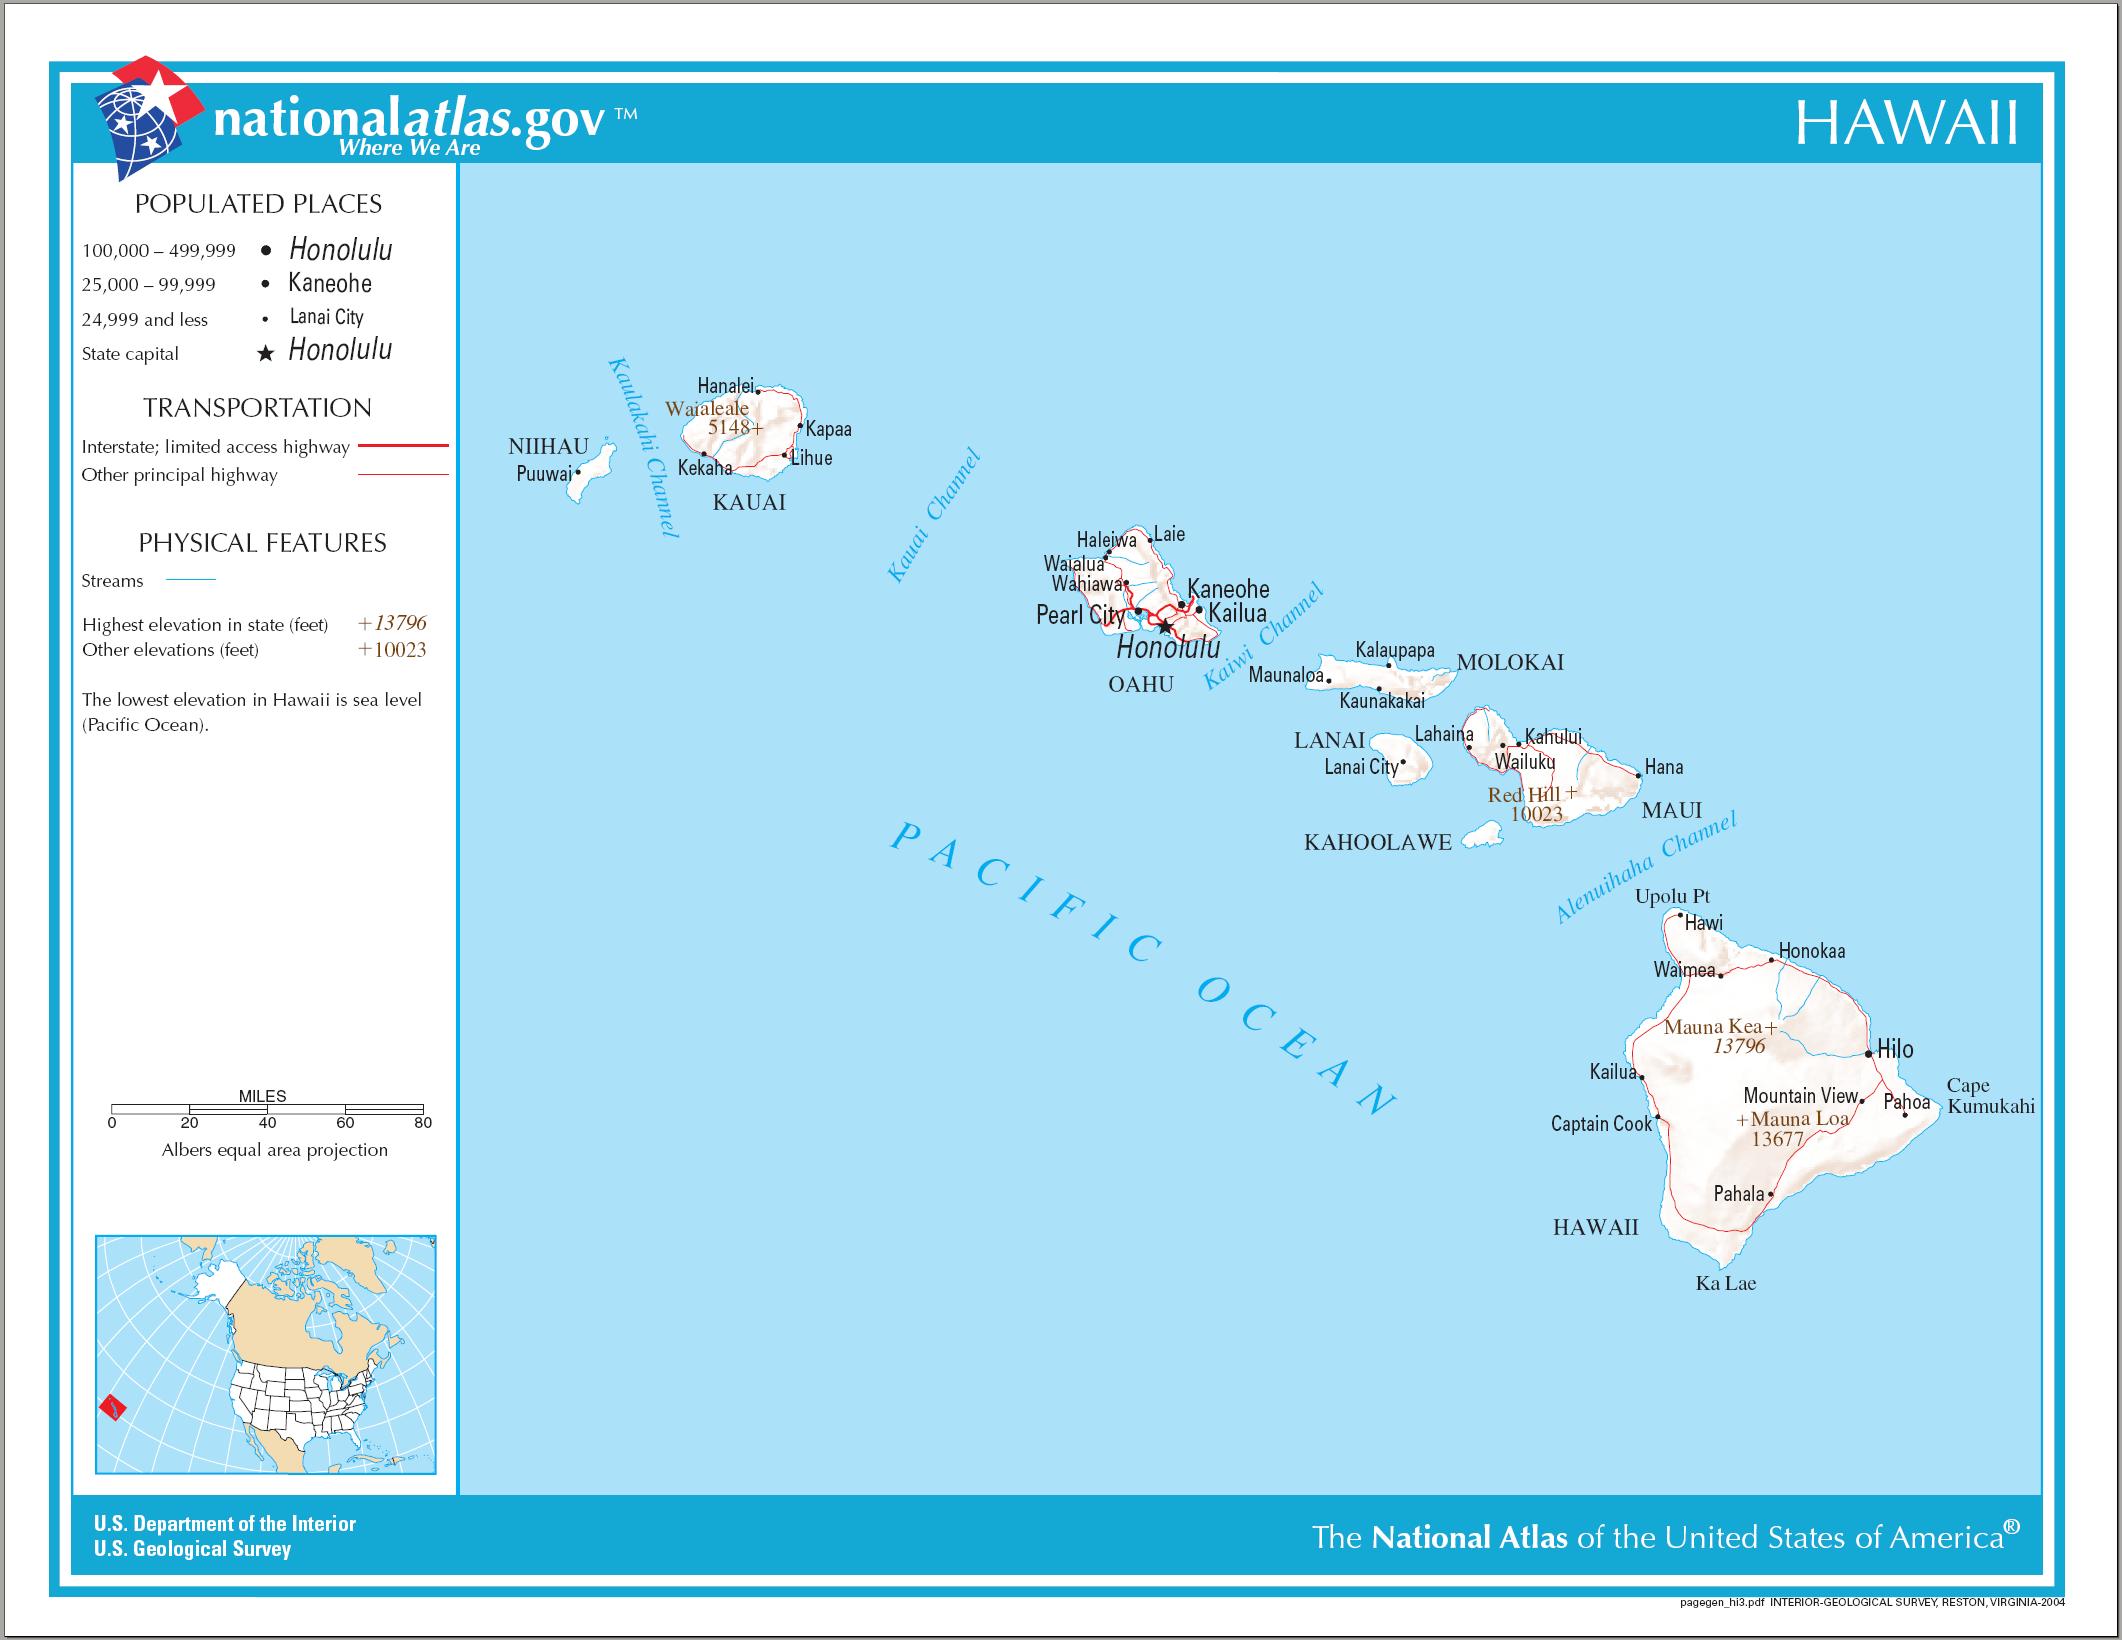 Scegliere un'isola_Hawaii